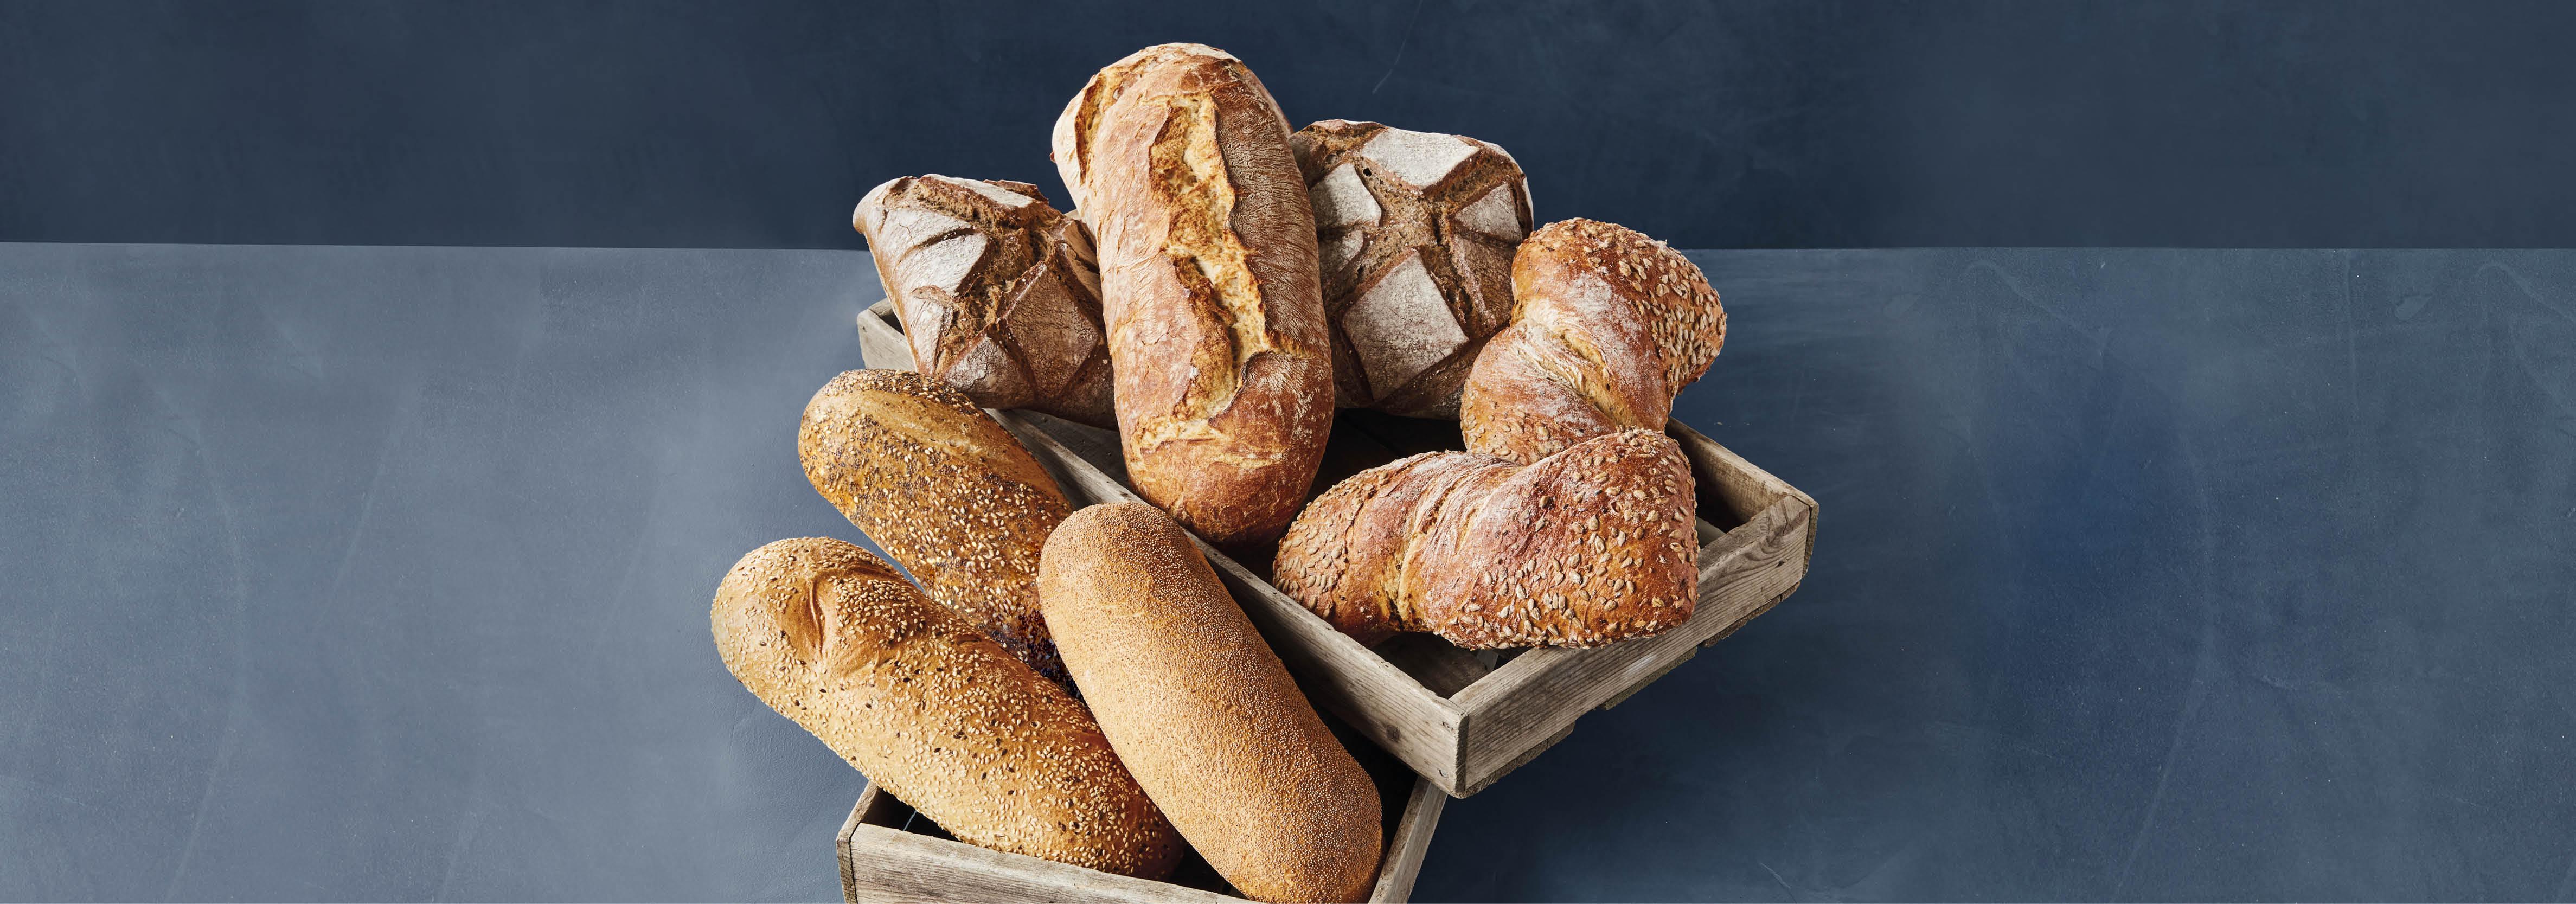 Hvorfor købe franskbrød? Vi giver dig tre grunde